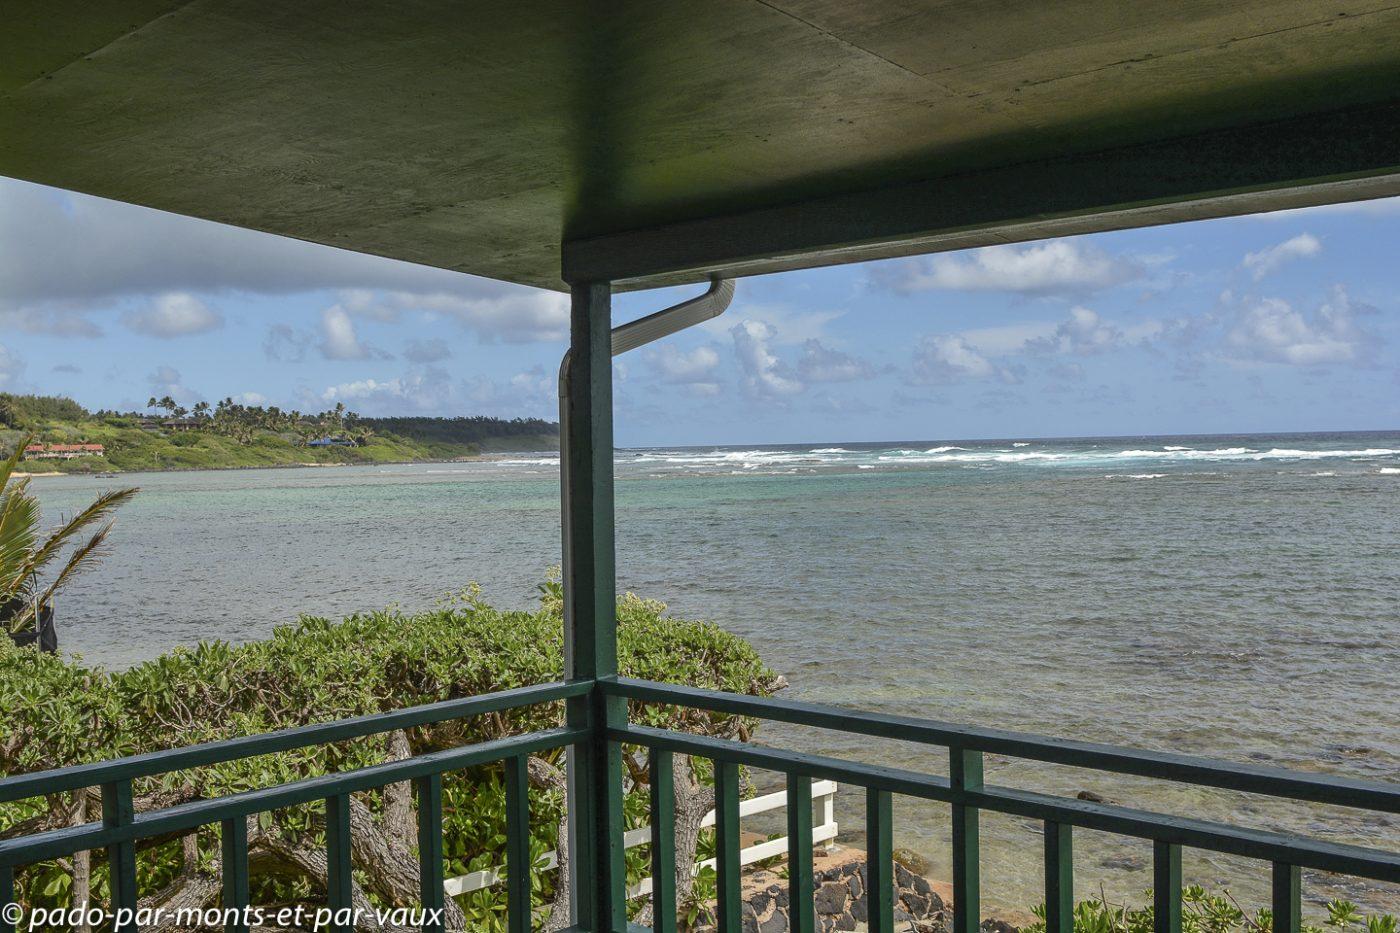 Kauai - Anahola house